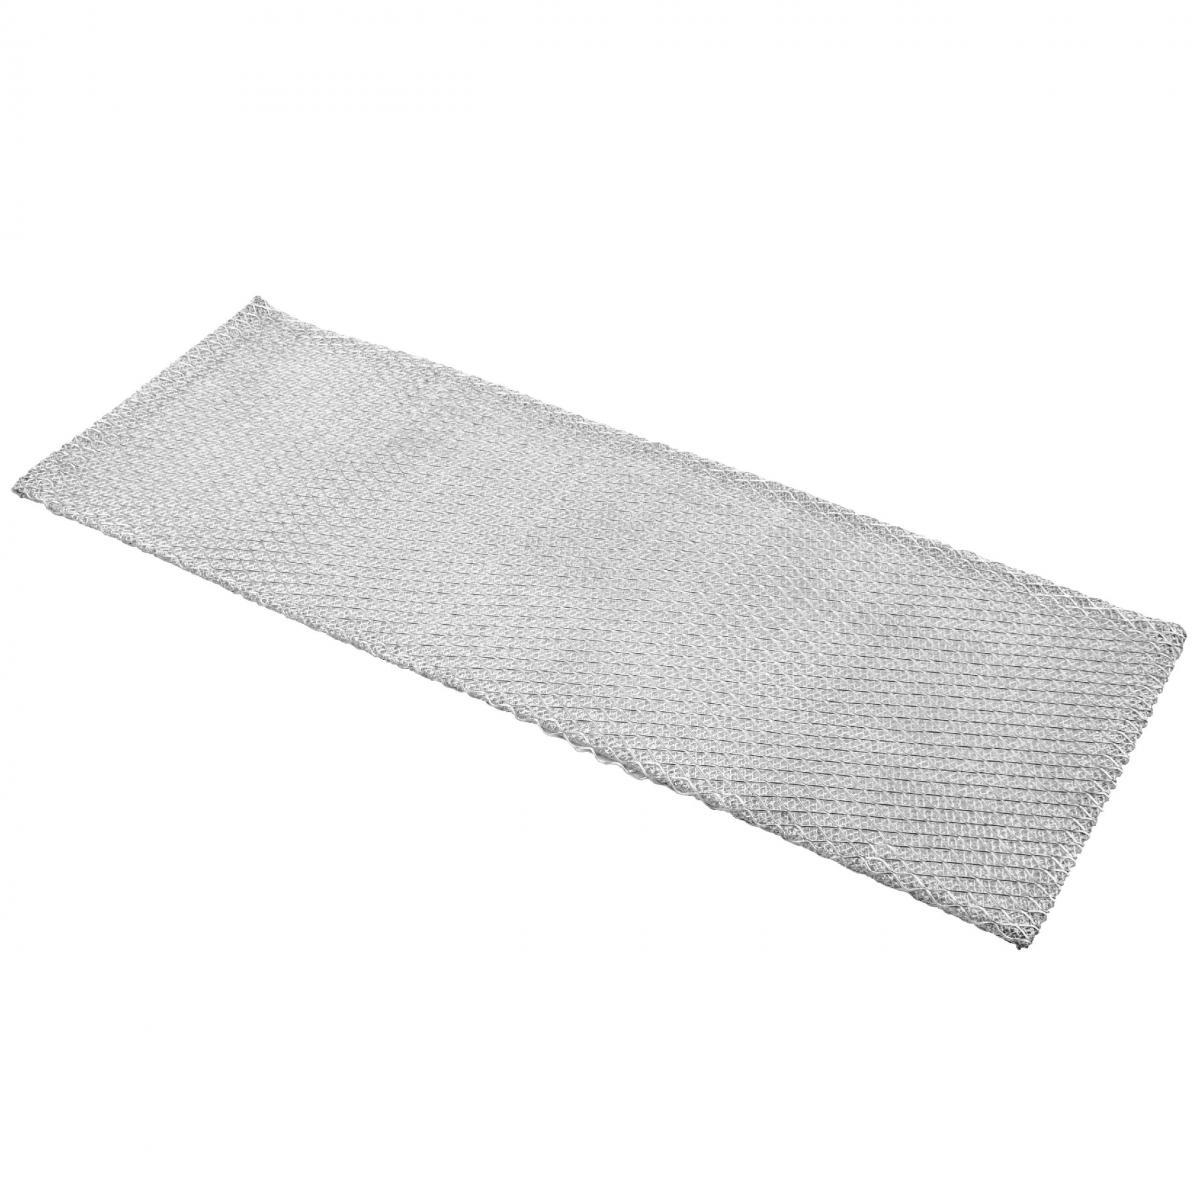 Vhbw vhbw Filtrepermanent filtre à graisse métallique 45,2 x 16 x 0,35 cm convient pour Whirlpool AKR 680 857868001021 hottes